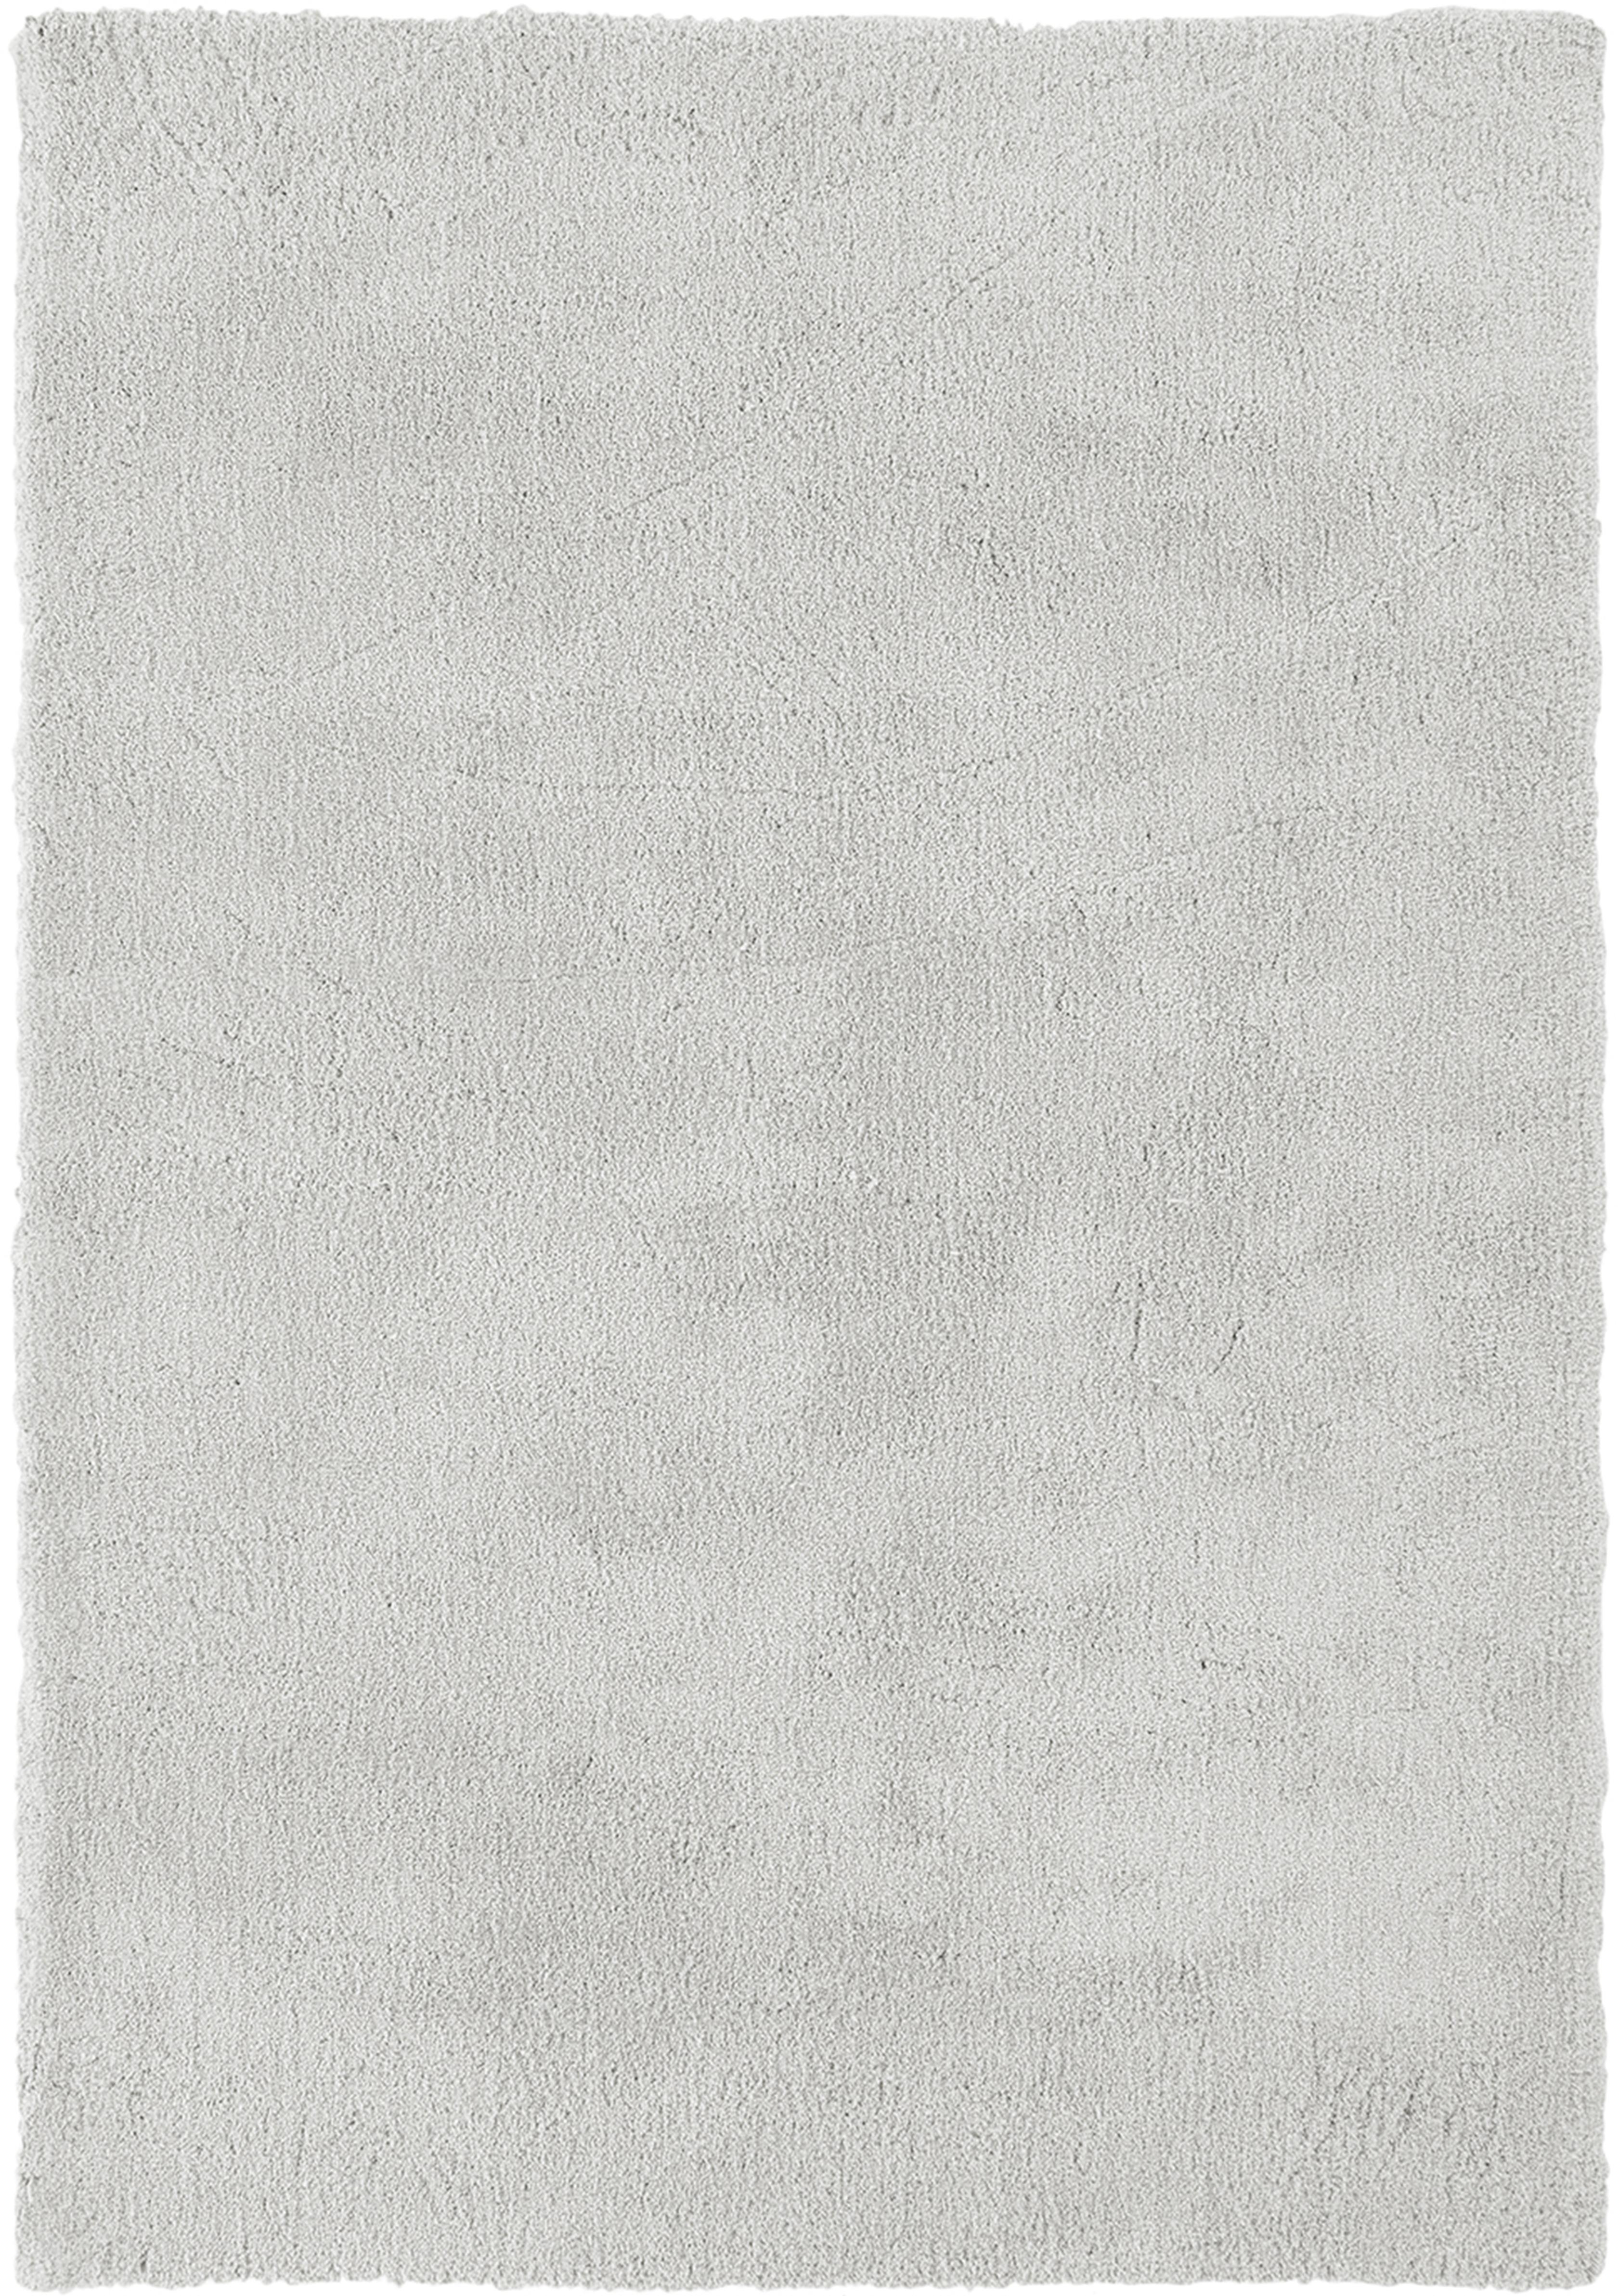 Tappeto peloso morbido grigio chiaro Leighton, Retro: 70% poliestere, 30% coton, Grigio chiaro, Larg.160 x Lung. 230 cm  (taglia M)